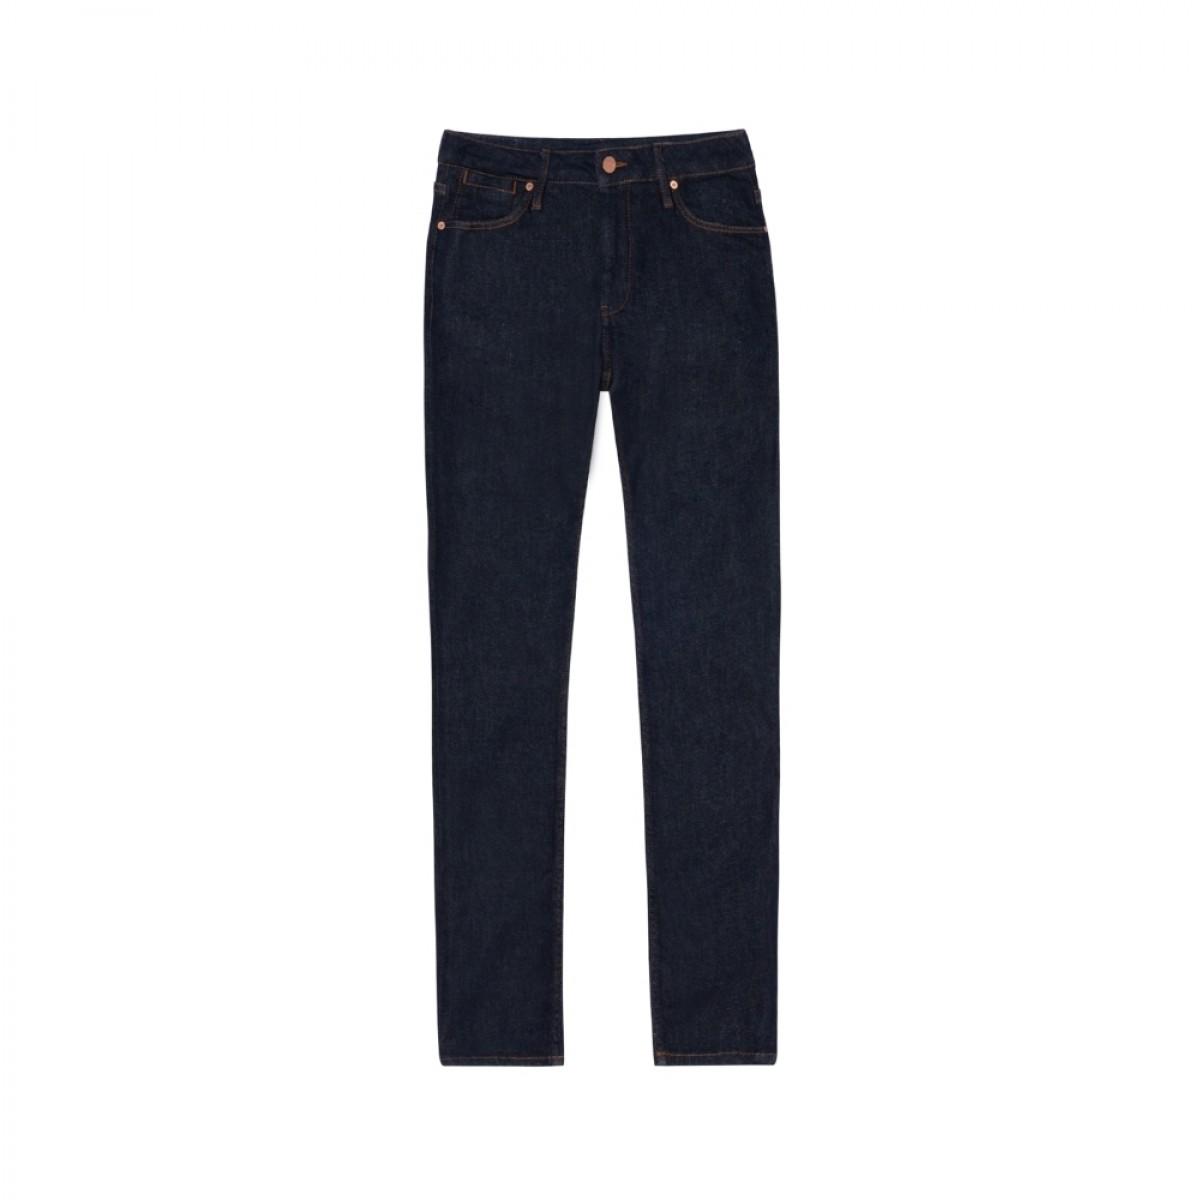 nelly slim jeans - dark blue